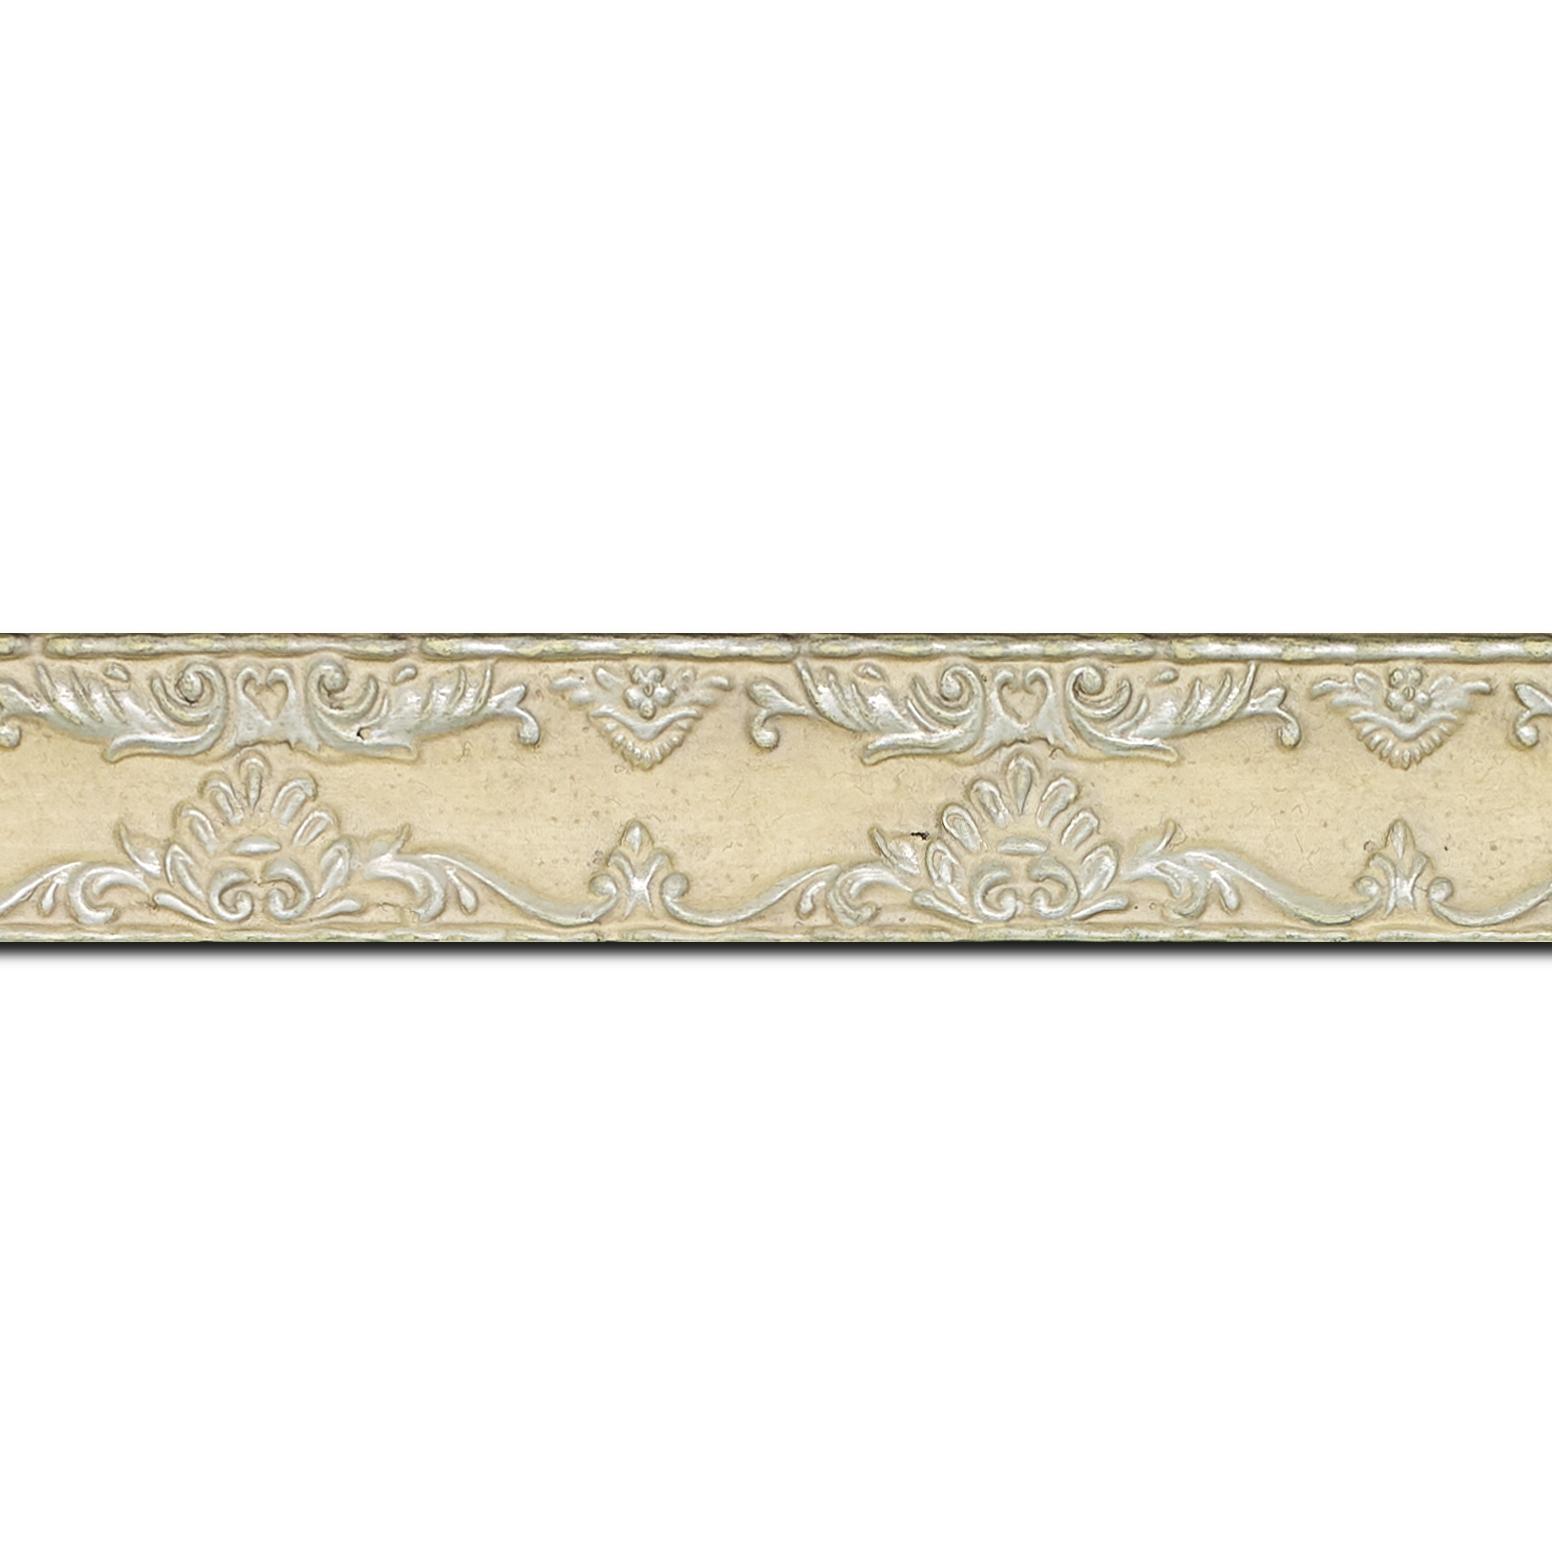 Baguette longueur 1.40m bois profil incurvé largeur 3cm couleur crème antique décor ancien